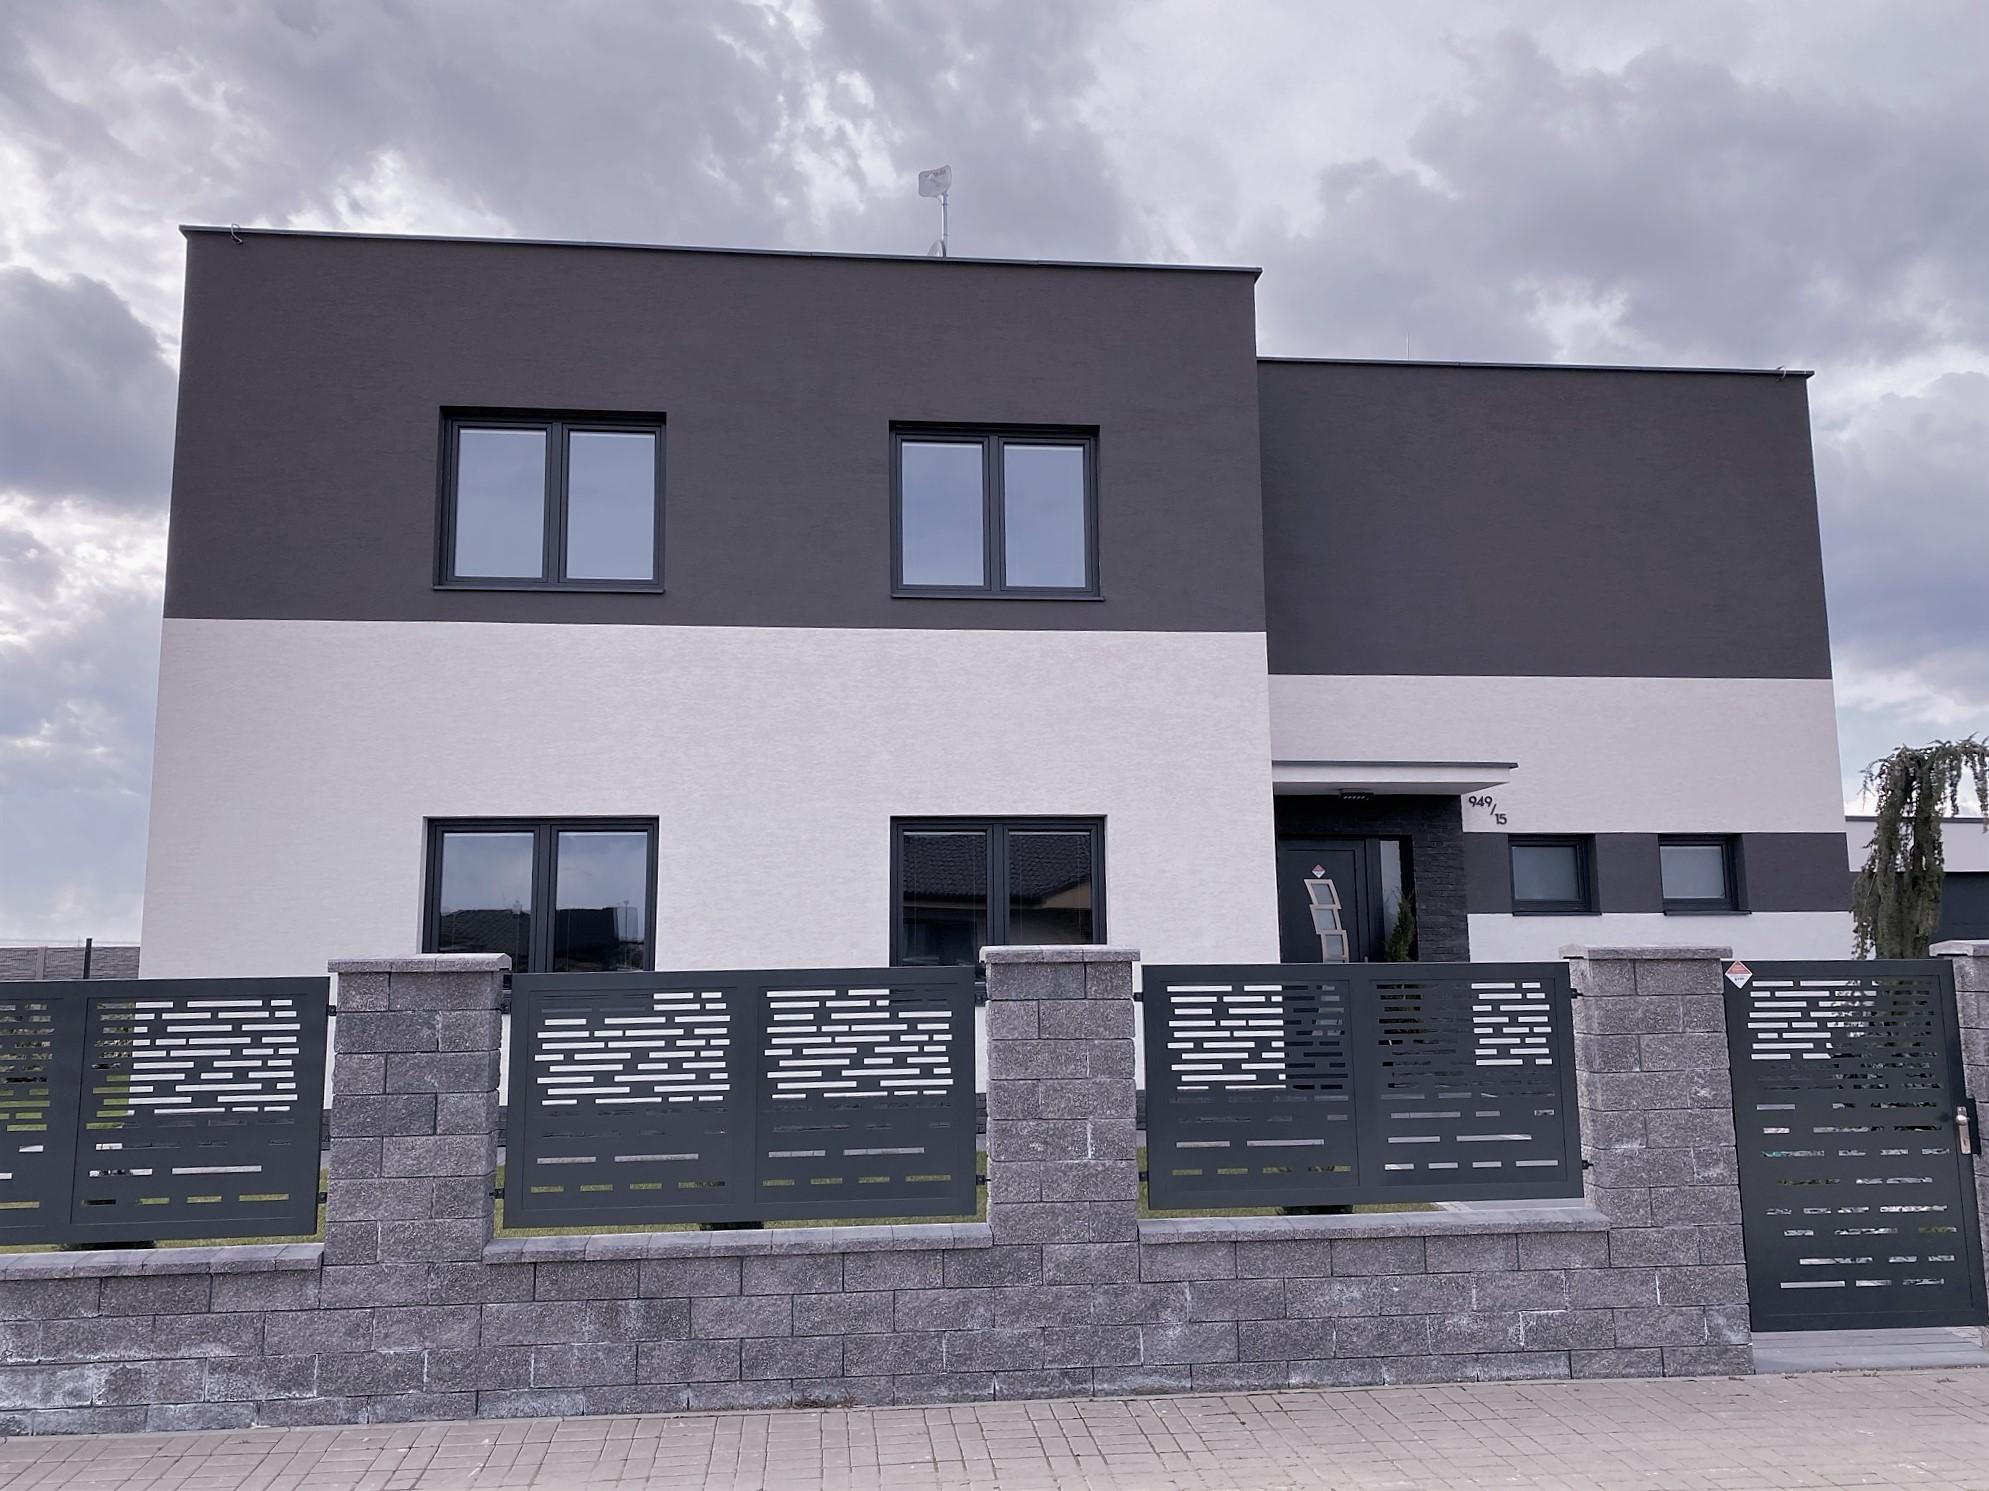 Autorizovaný stavebný inžinier projekty rodinných domov